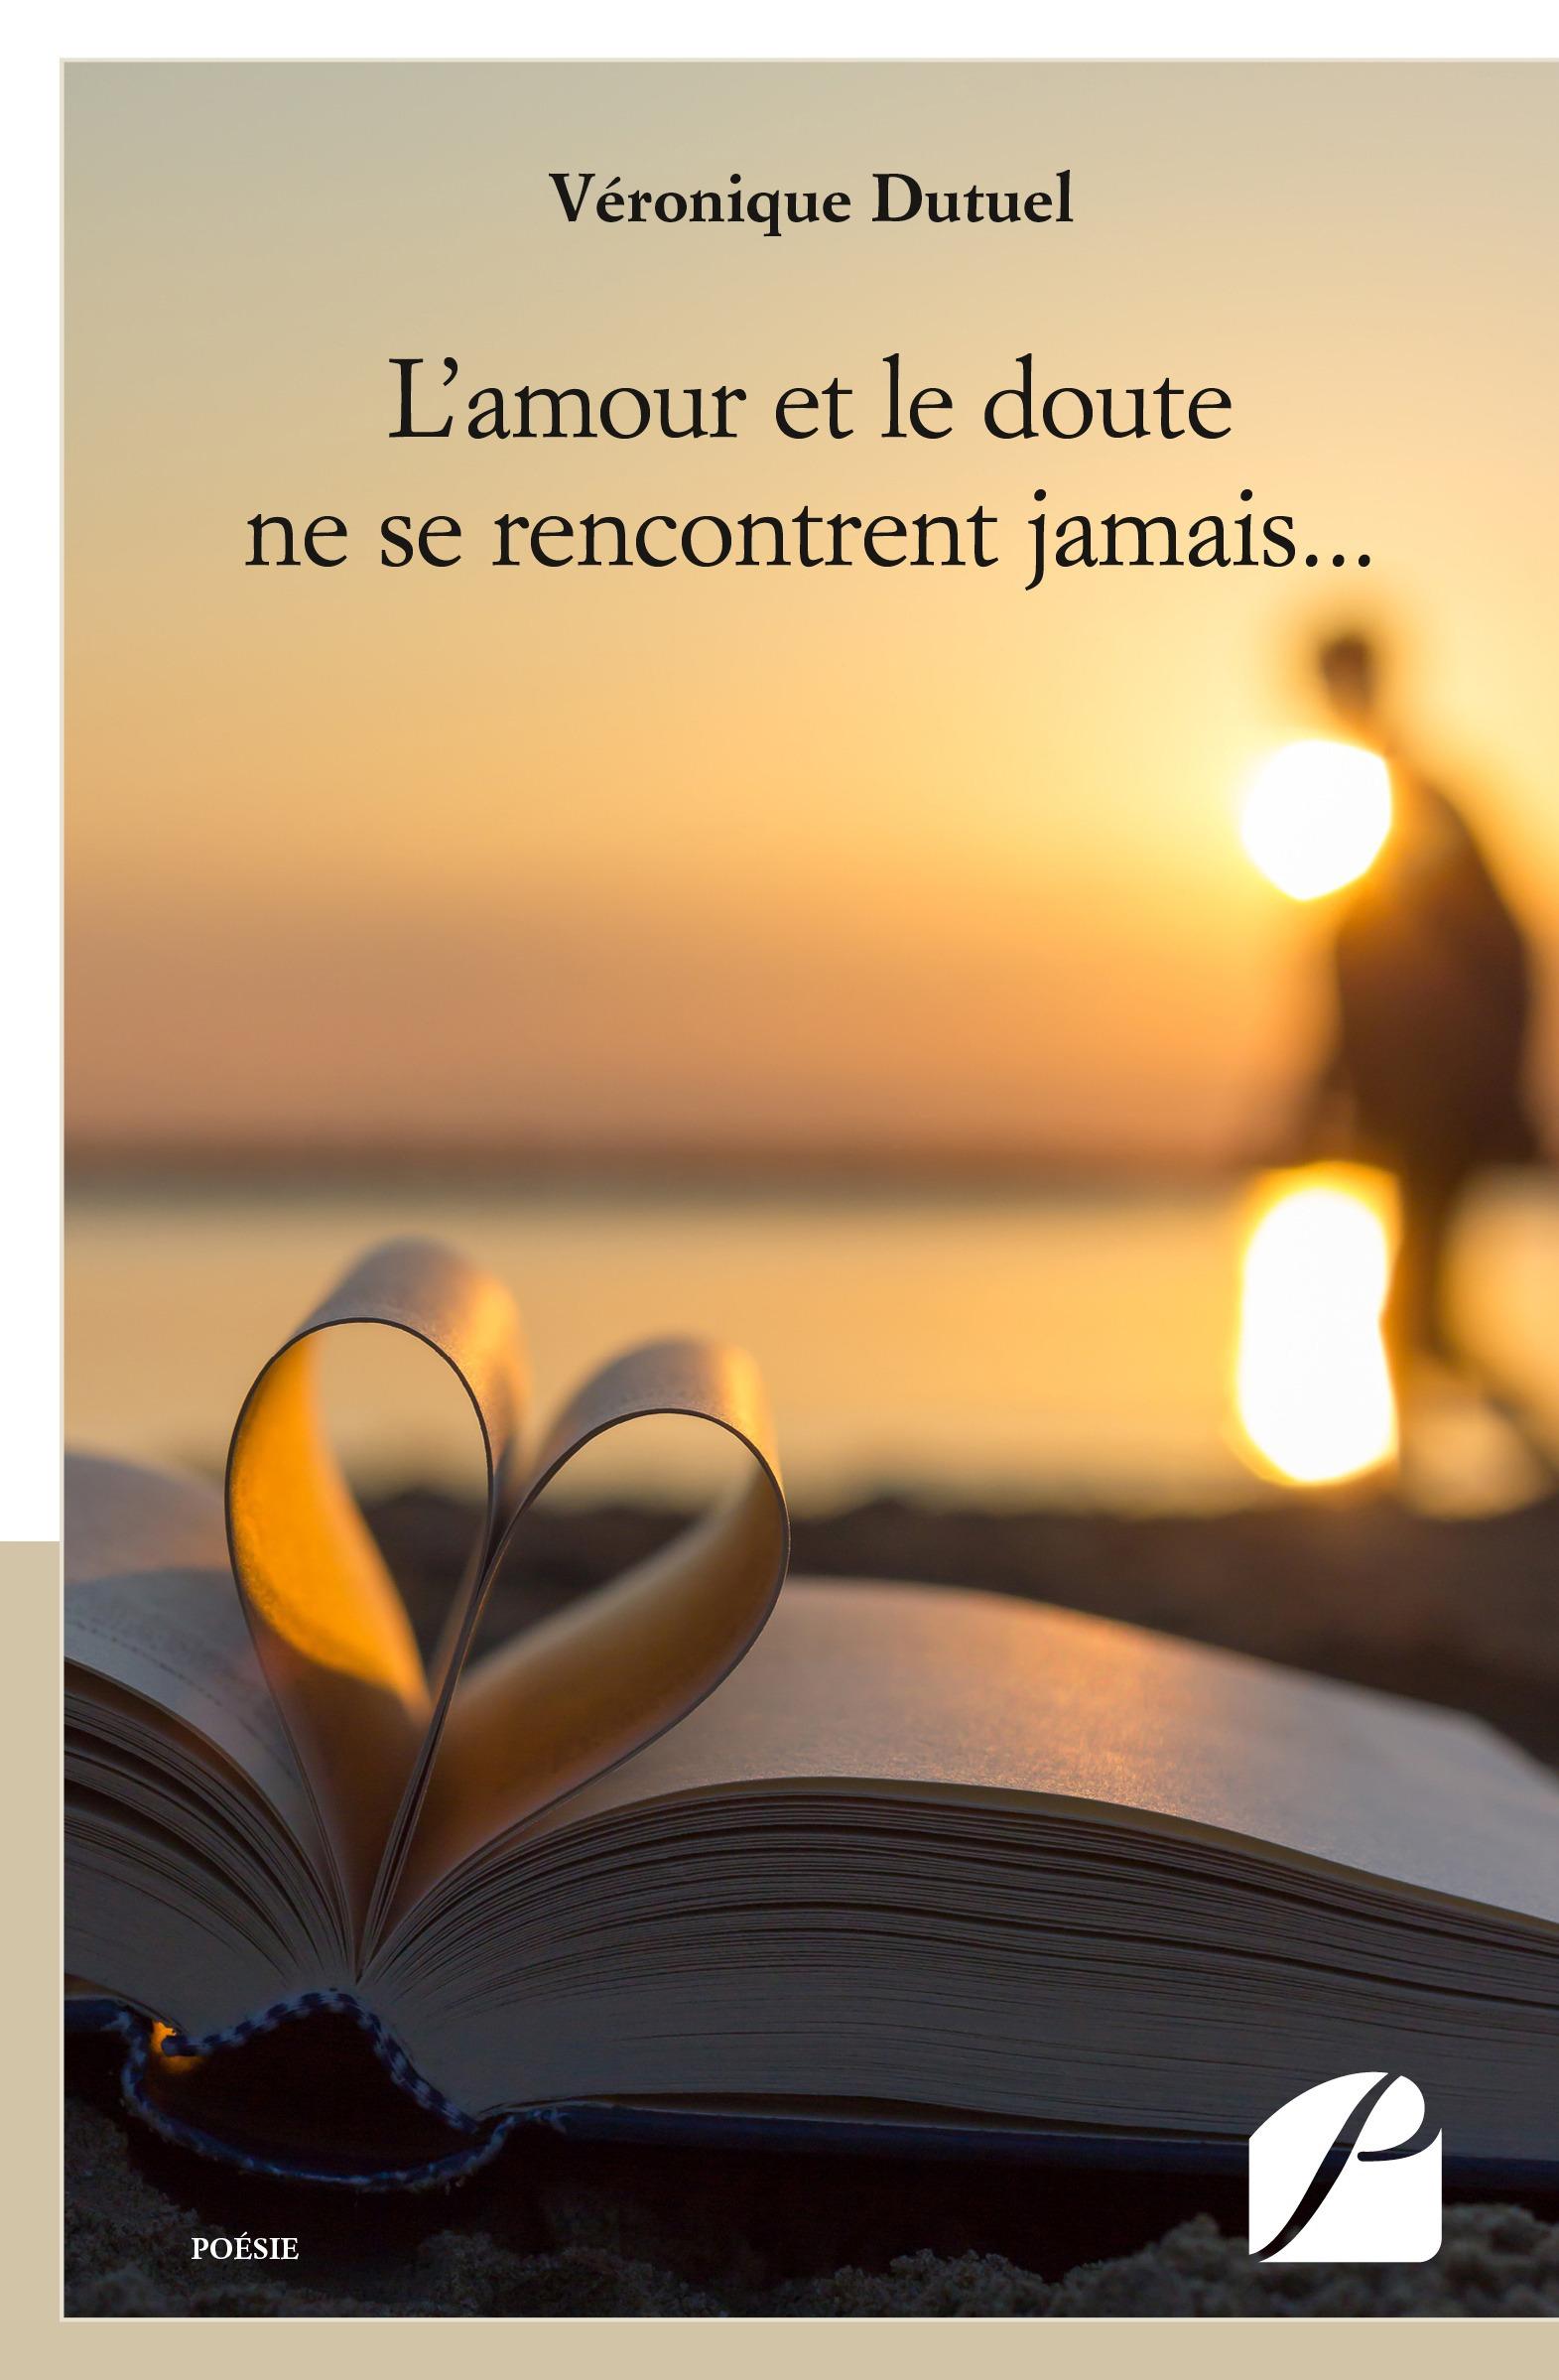 Véronique Dutuel L'amour et le doute ne se rencontrent jamais...